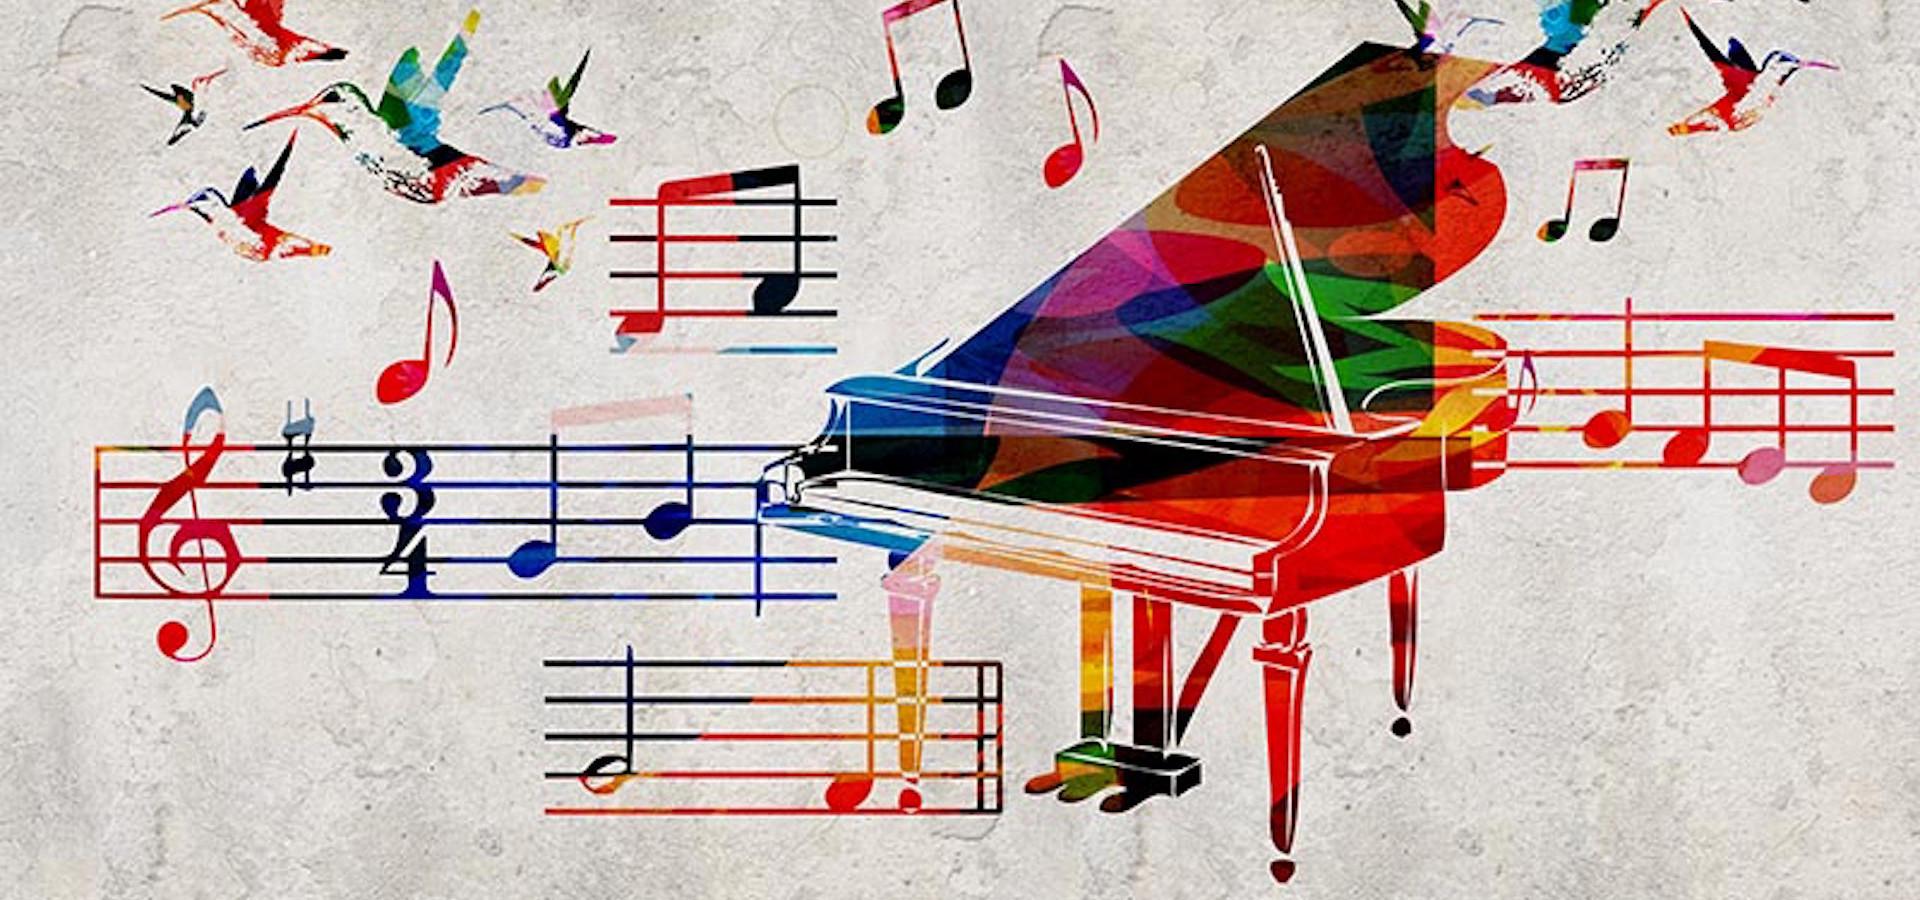 Simple Music Ensemble. Дебюсси VS Yiruma. Концерт на Хлебозаводе фото